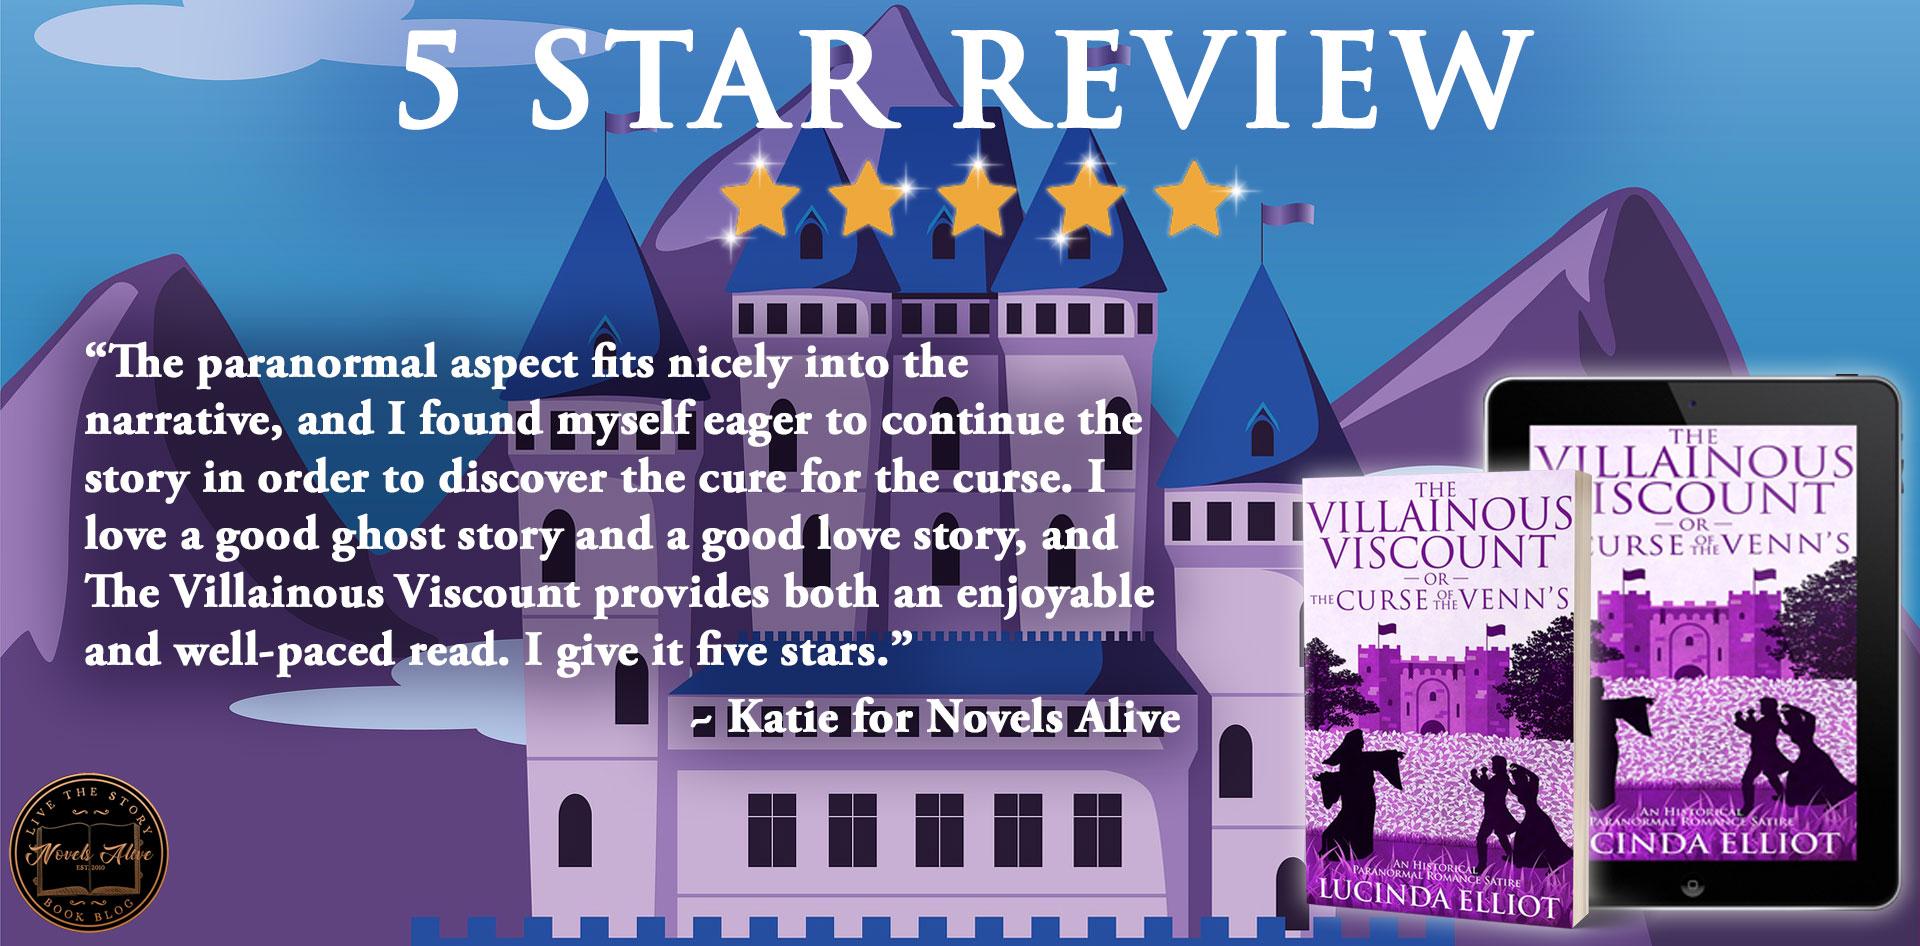 Villainous Viscount-Review-FB